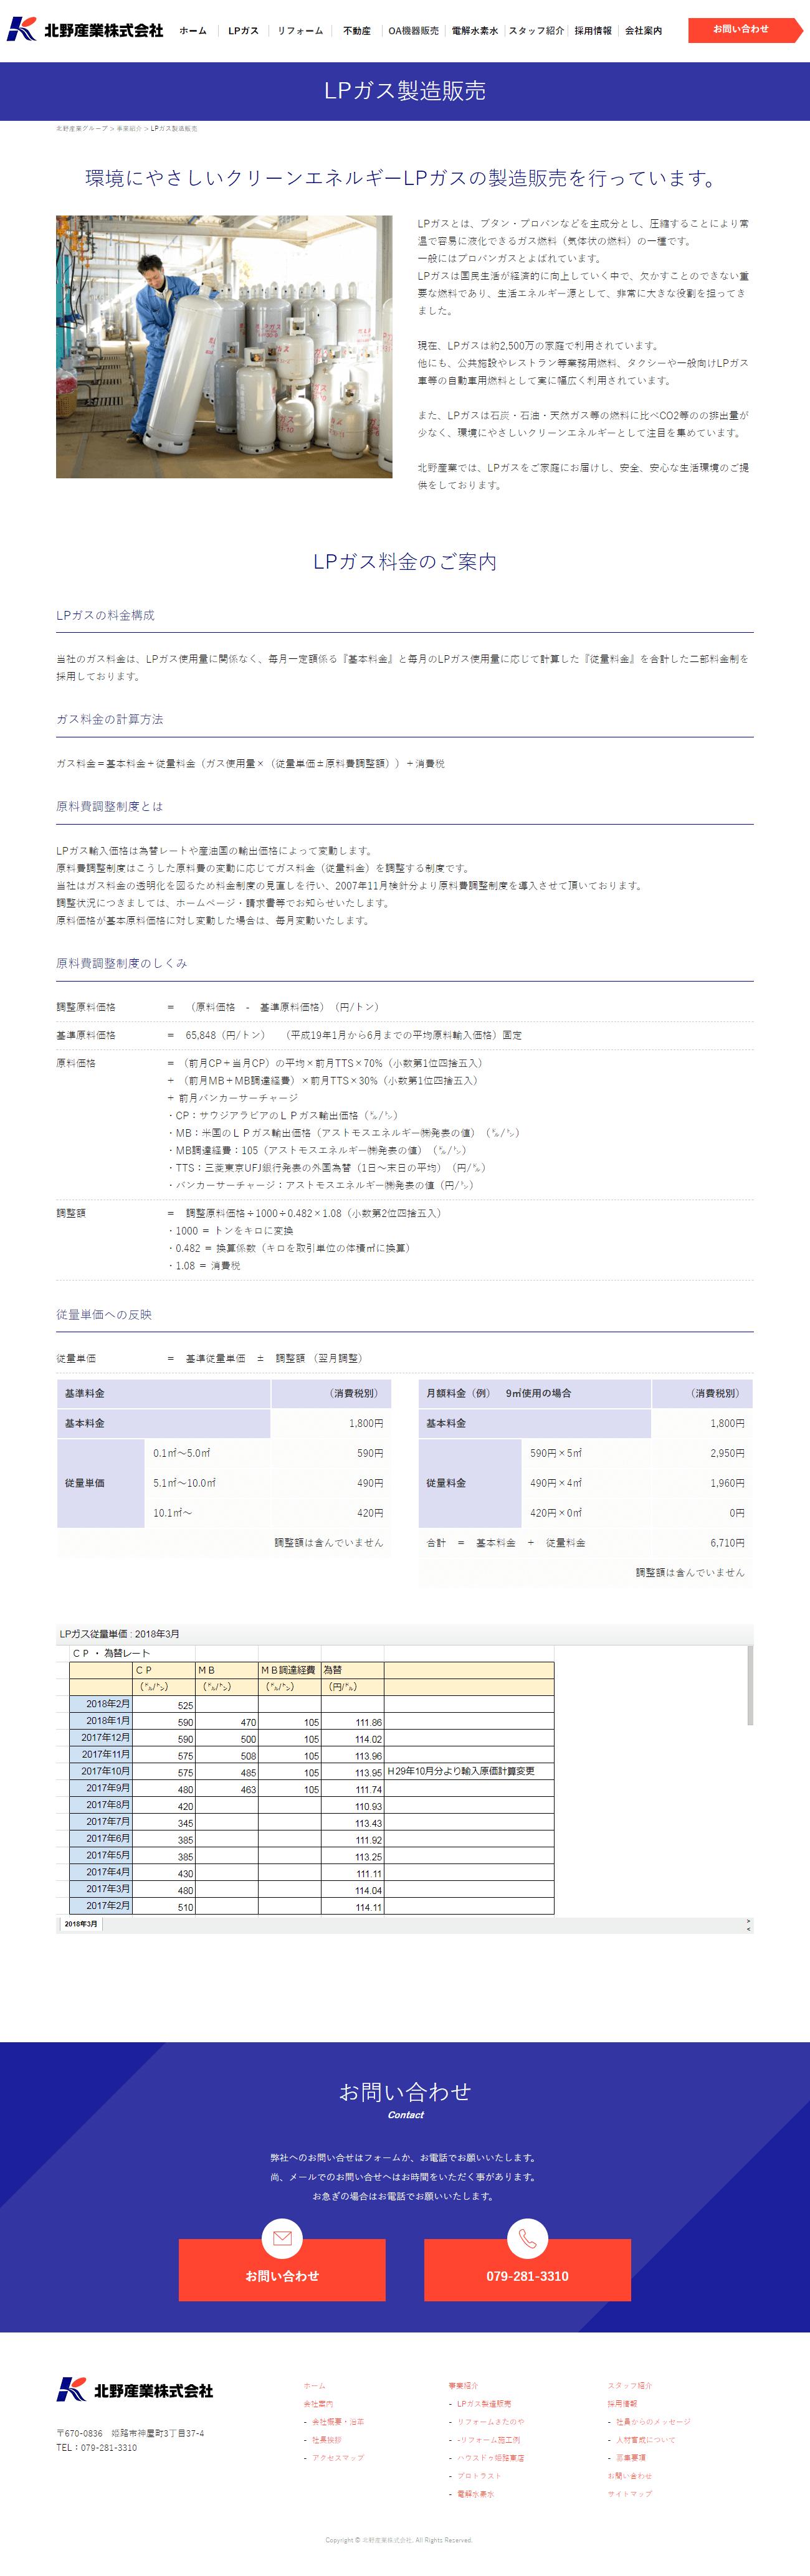 姫路市 北野産業株式会社様 ホームページ制作2